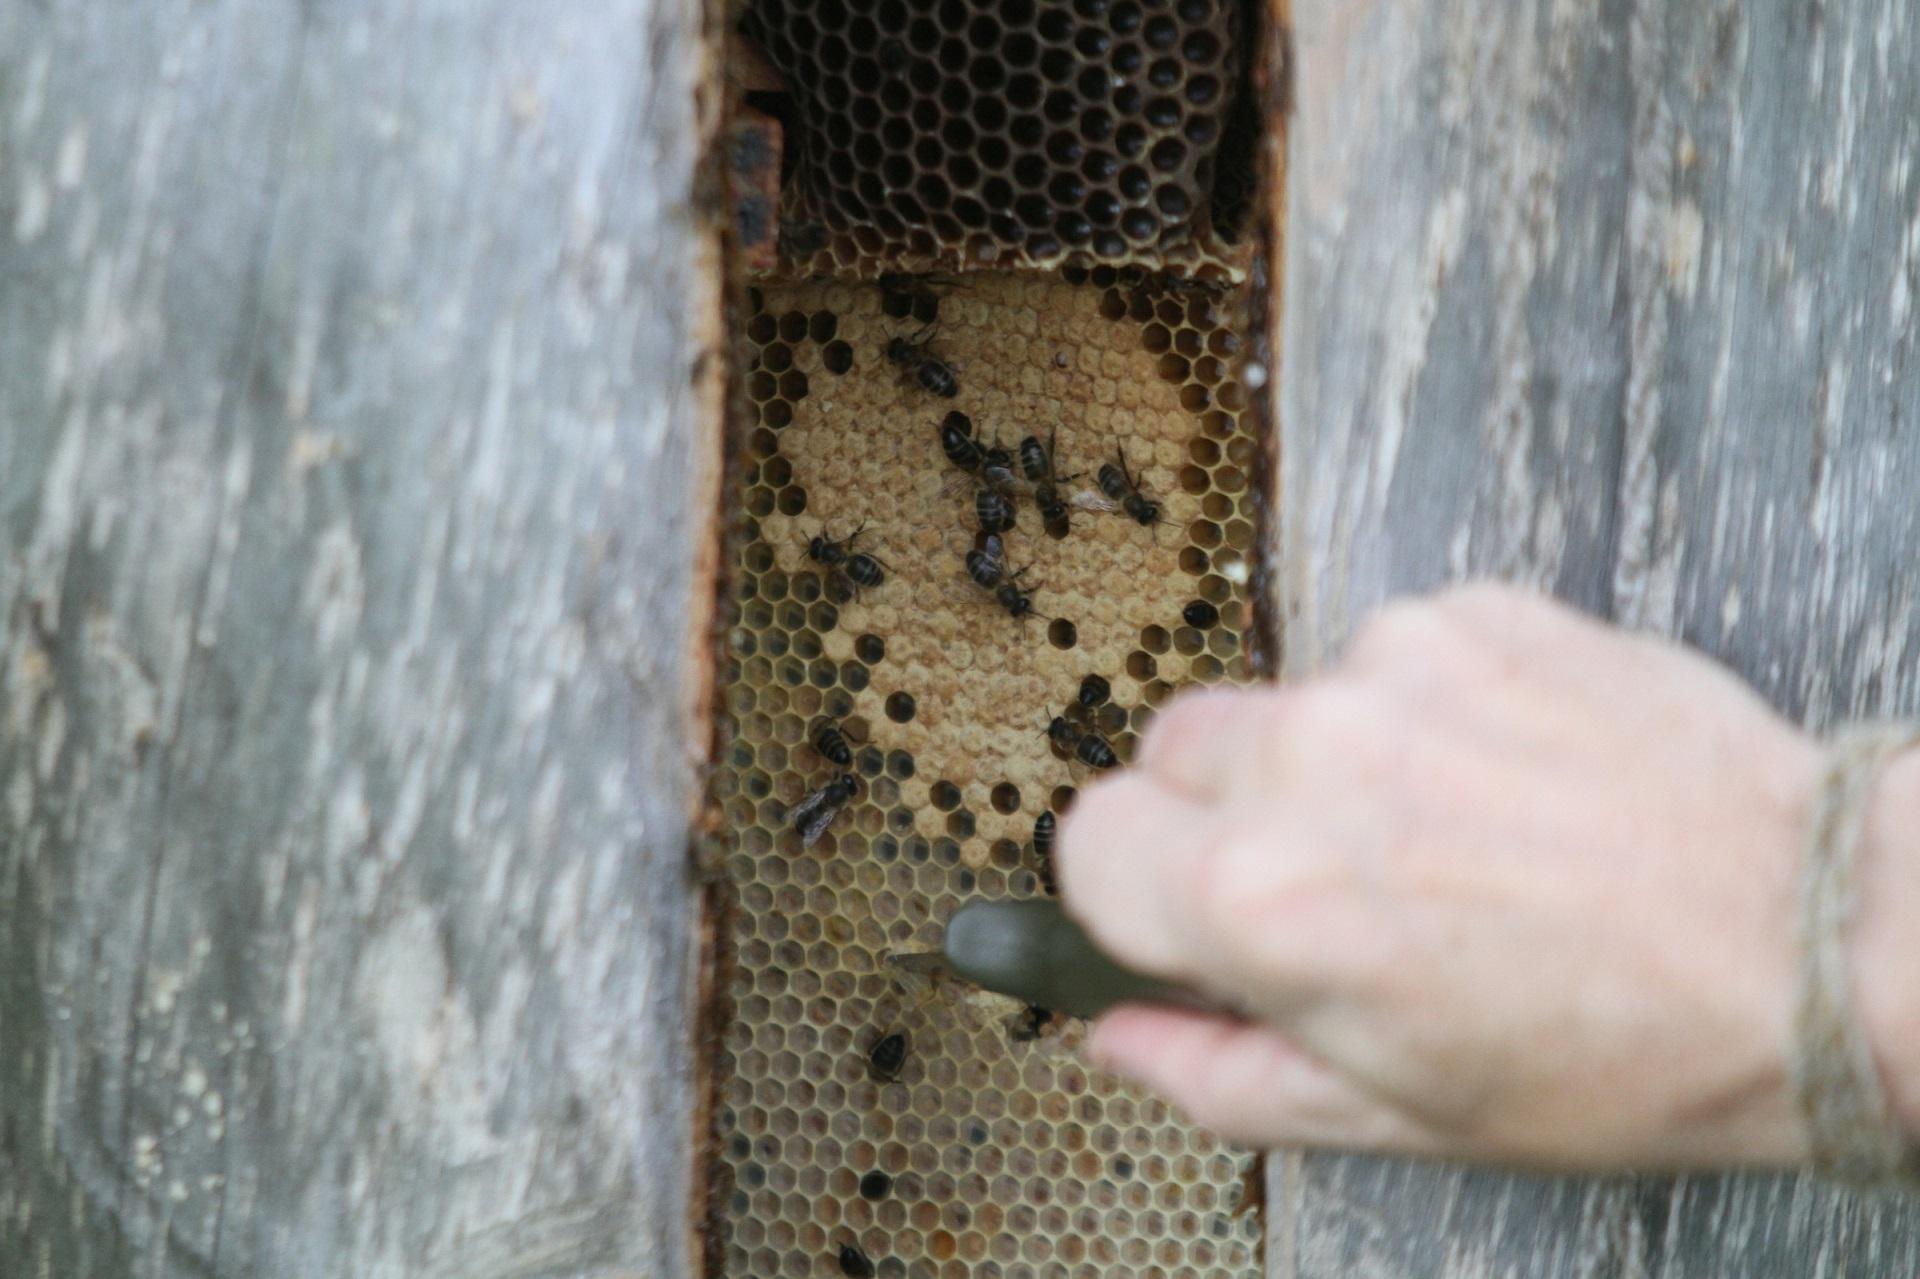 Žinoma, kiekvienas bitininkas savo darbo vaisių įkainoja skirtingai. Tačiau tokiems orams esant kaina neabejotinai ūgtelės. Juo labiau, kad pavasarinio medaus bus mažiau, nei, tarkime, buvo pernai. BNS (Alvydo Januševičiaus) nuotr.